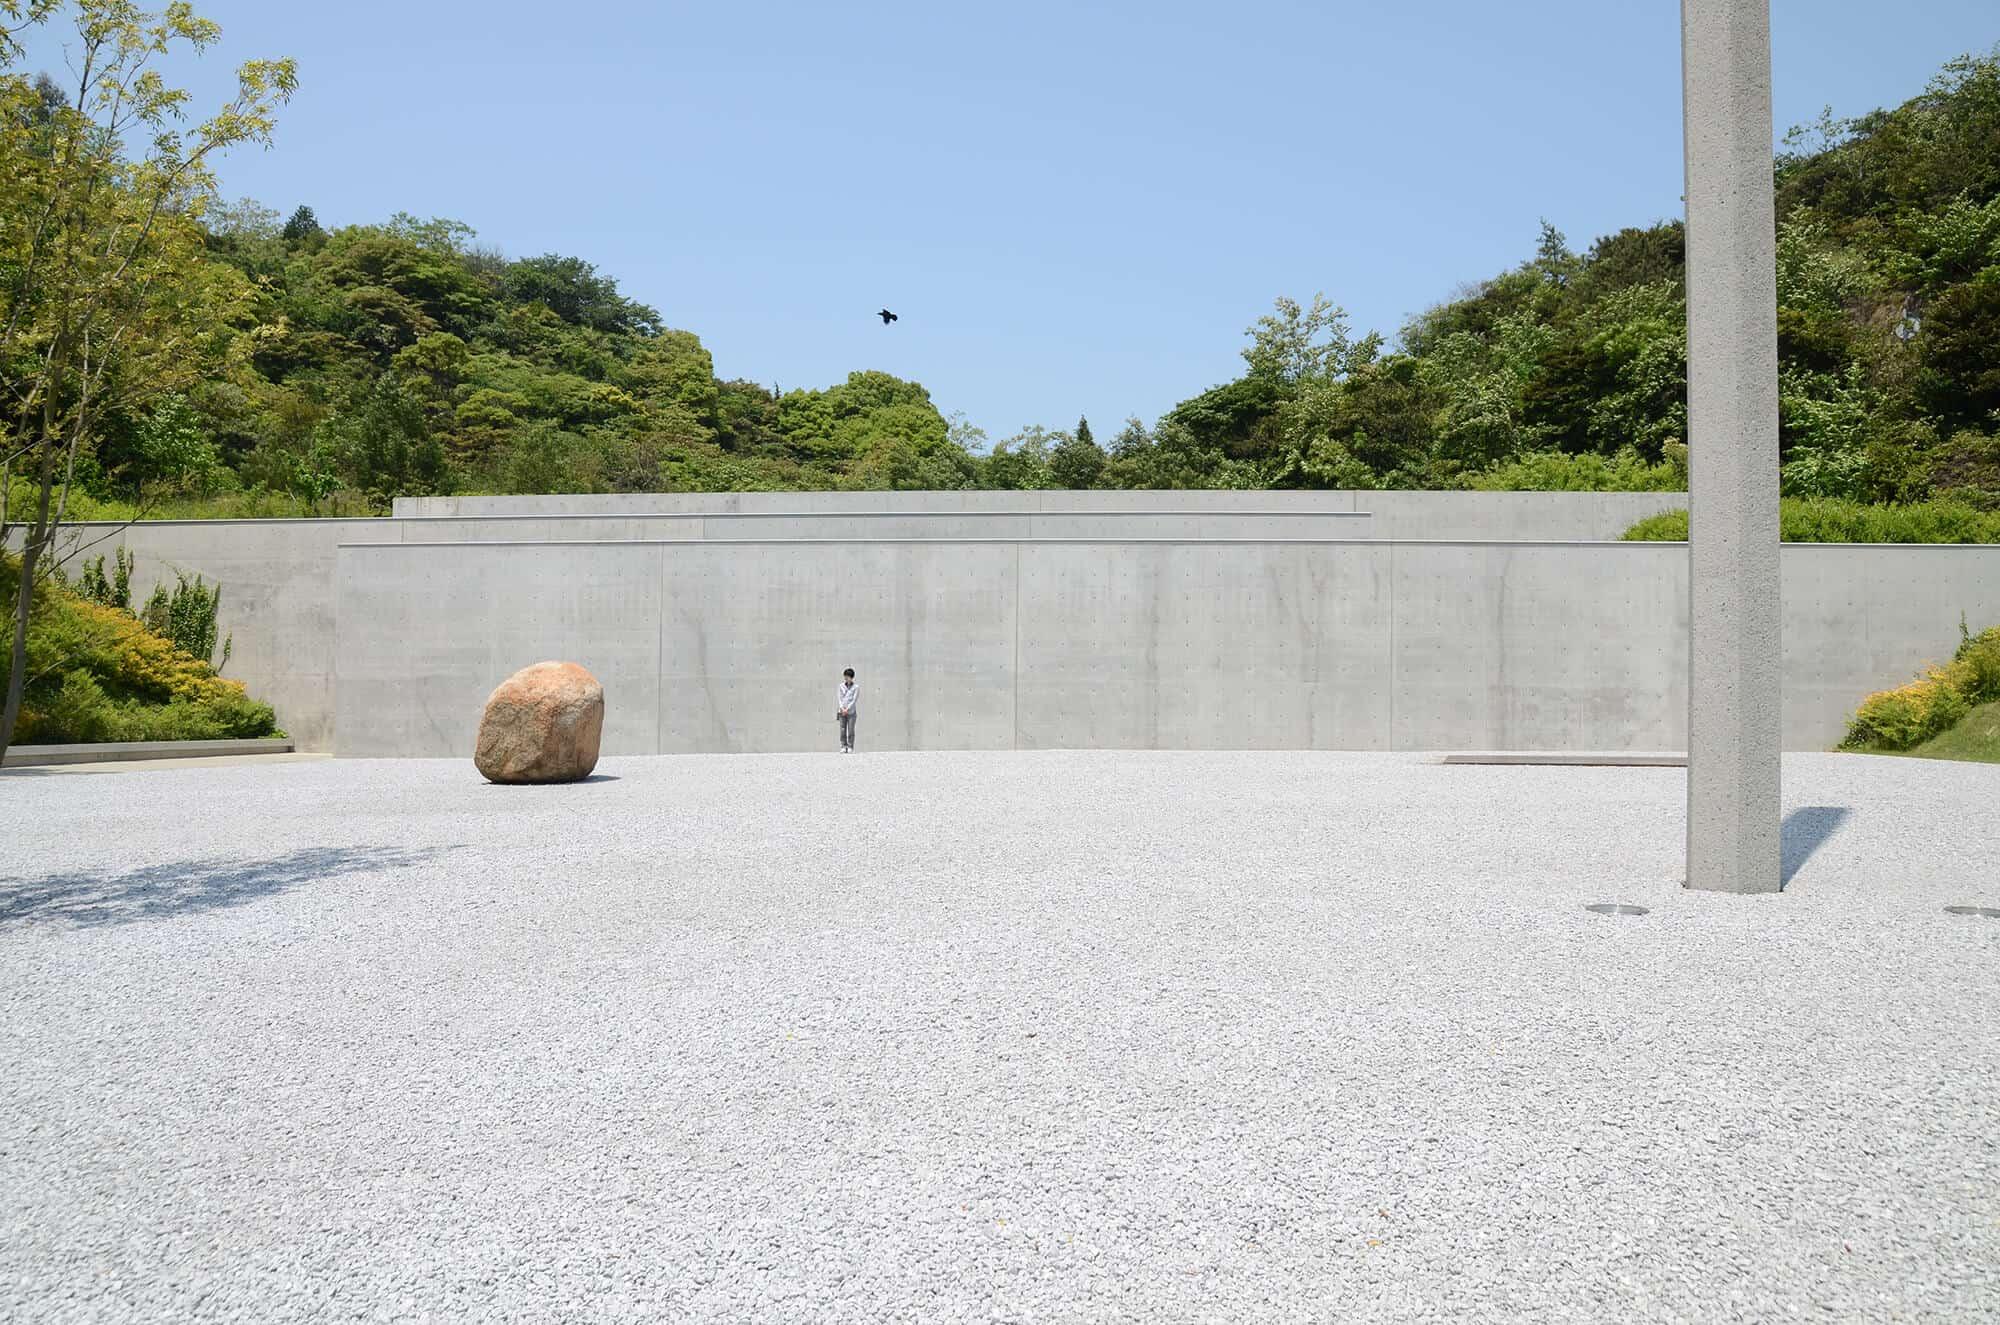 บรรยากาศของพิพิธภัณฑ์ ที่เกาะนาโอชิมะ